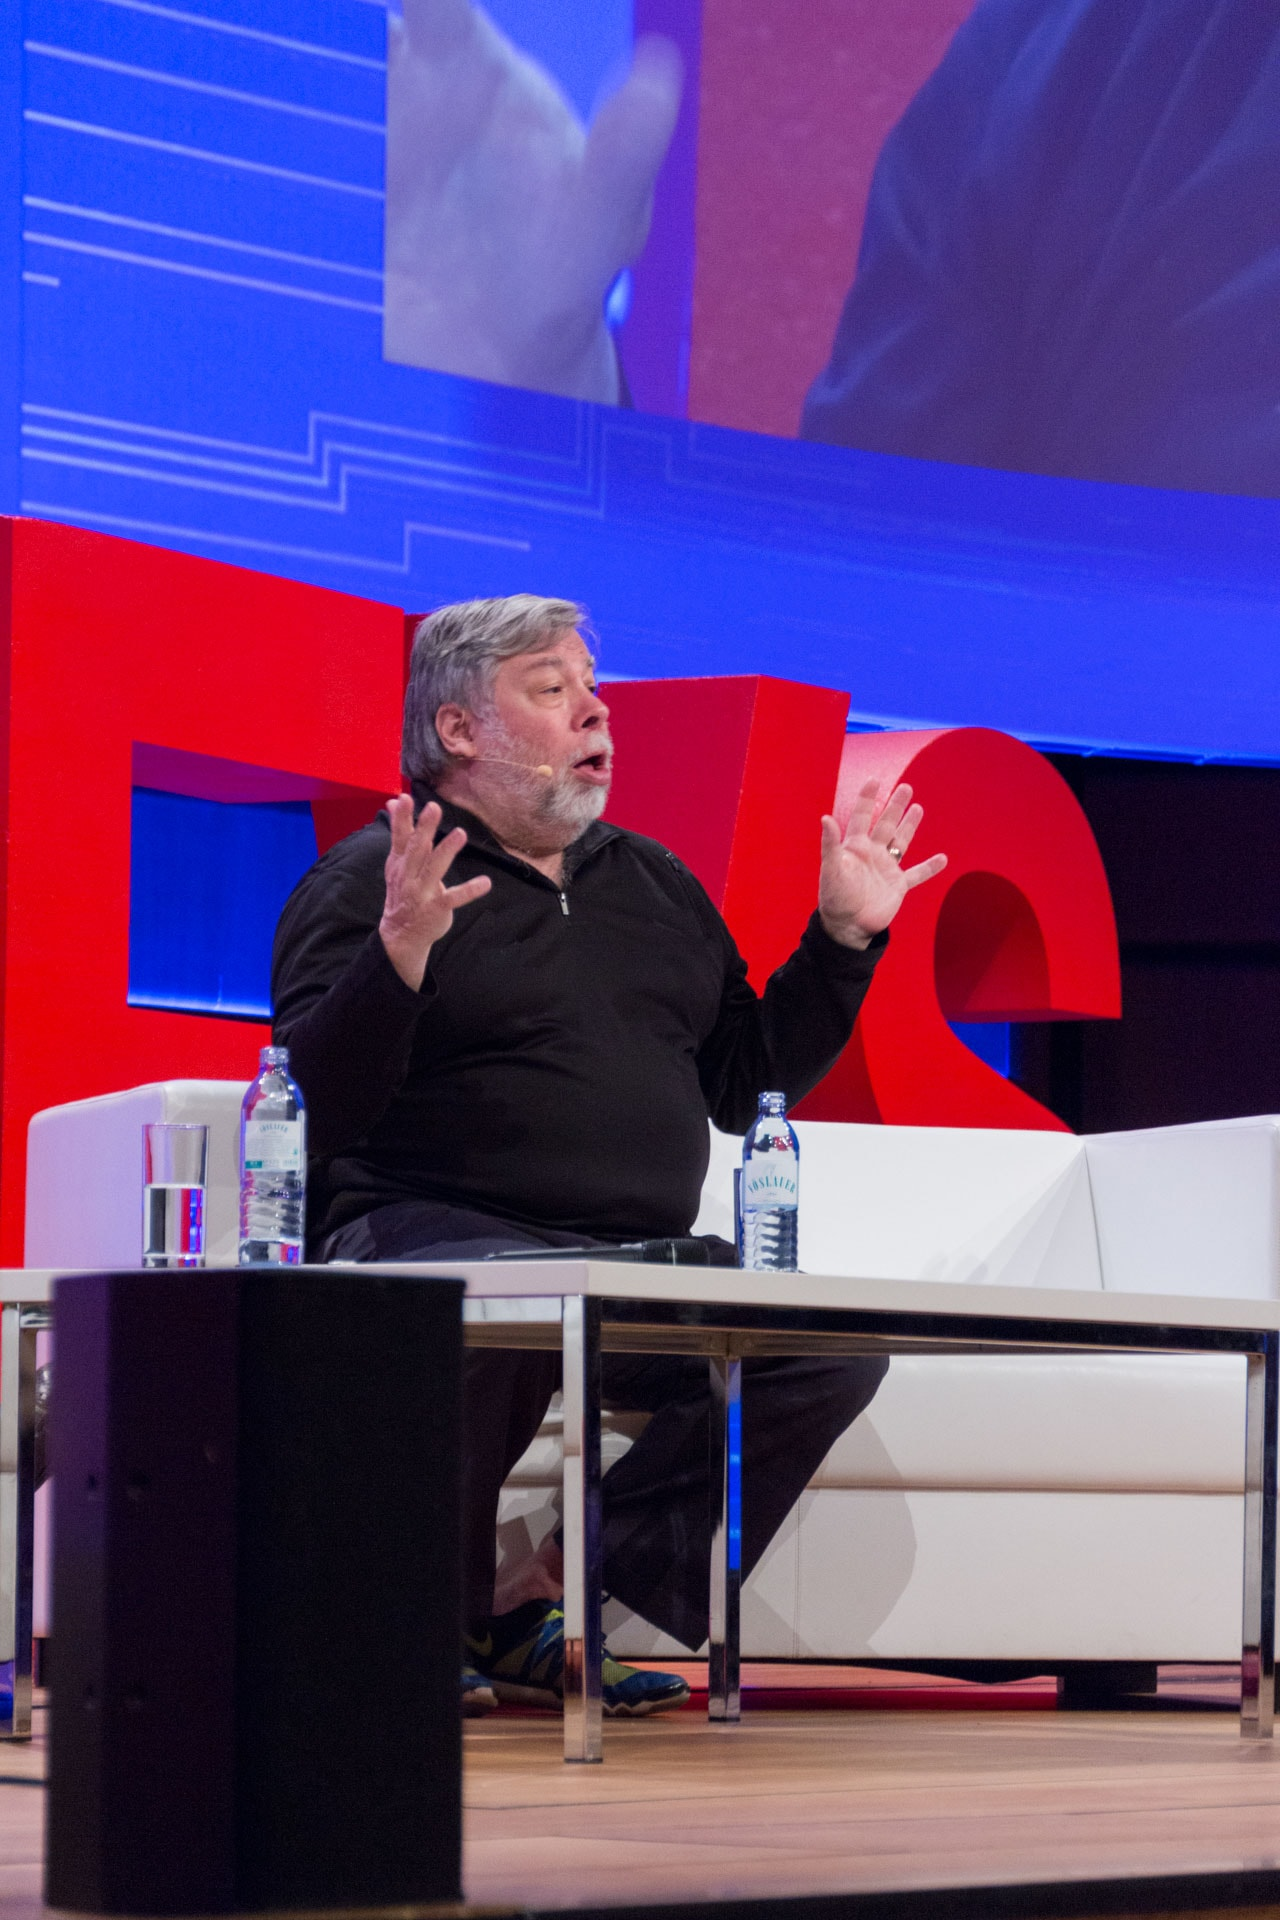 Steve Wozniak über Bitcoin, Ether und Blockchain bei der WeAreDevelopers Konferenz in Wien während seinem Fireside Chat mit Monty Munford